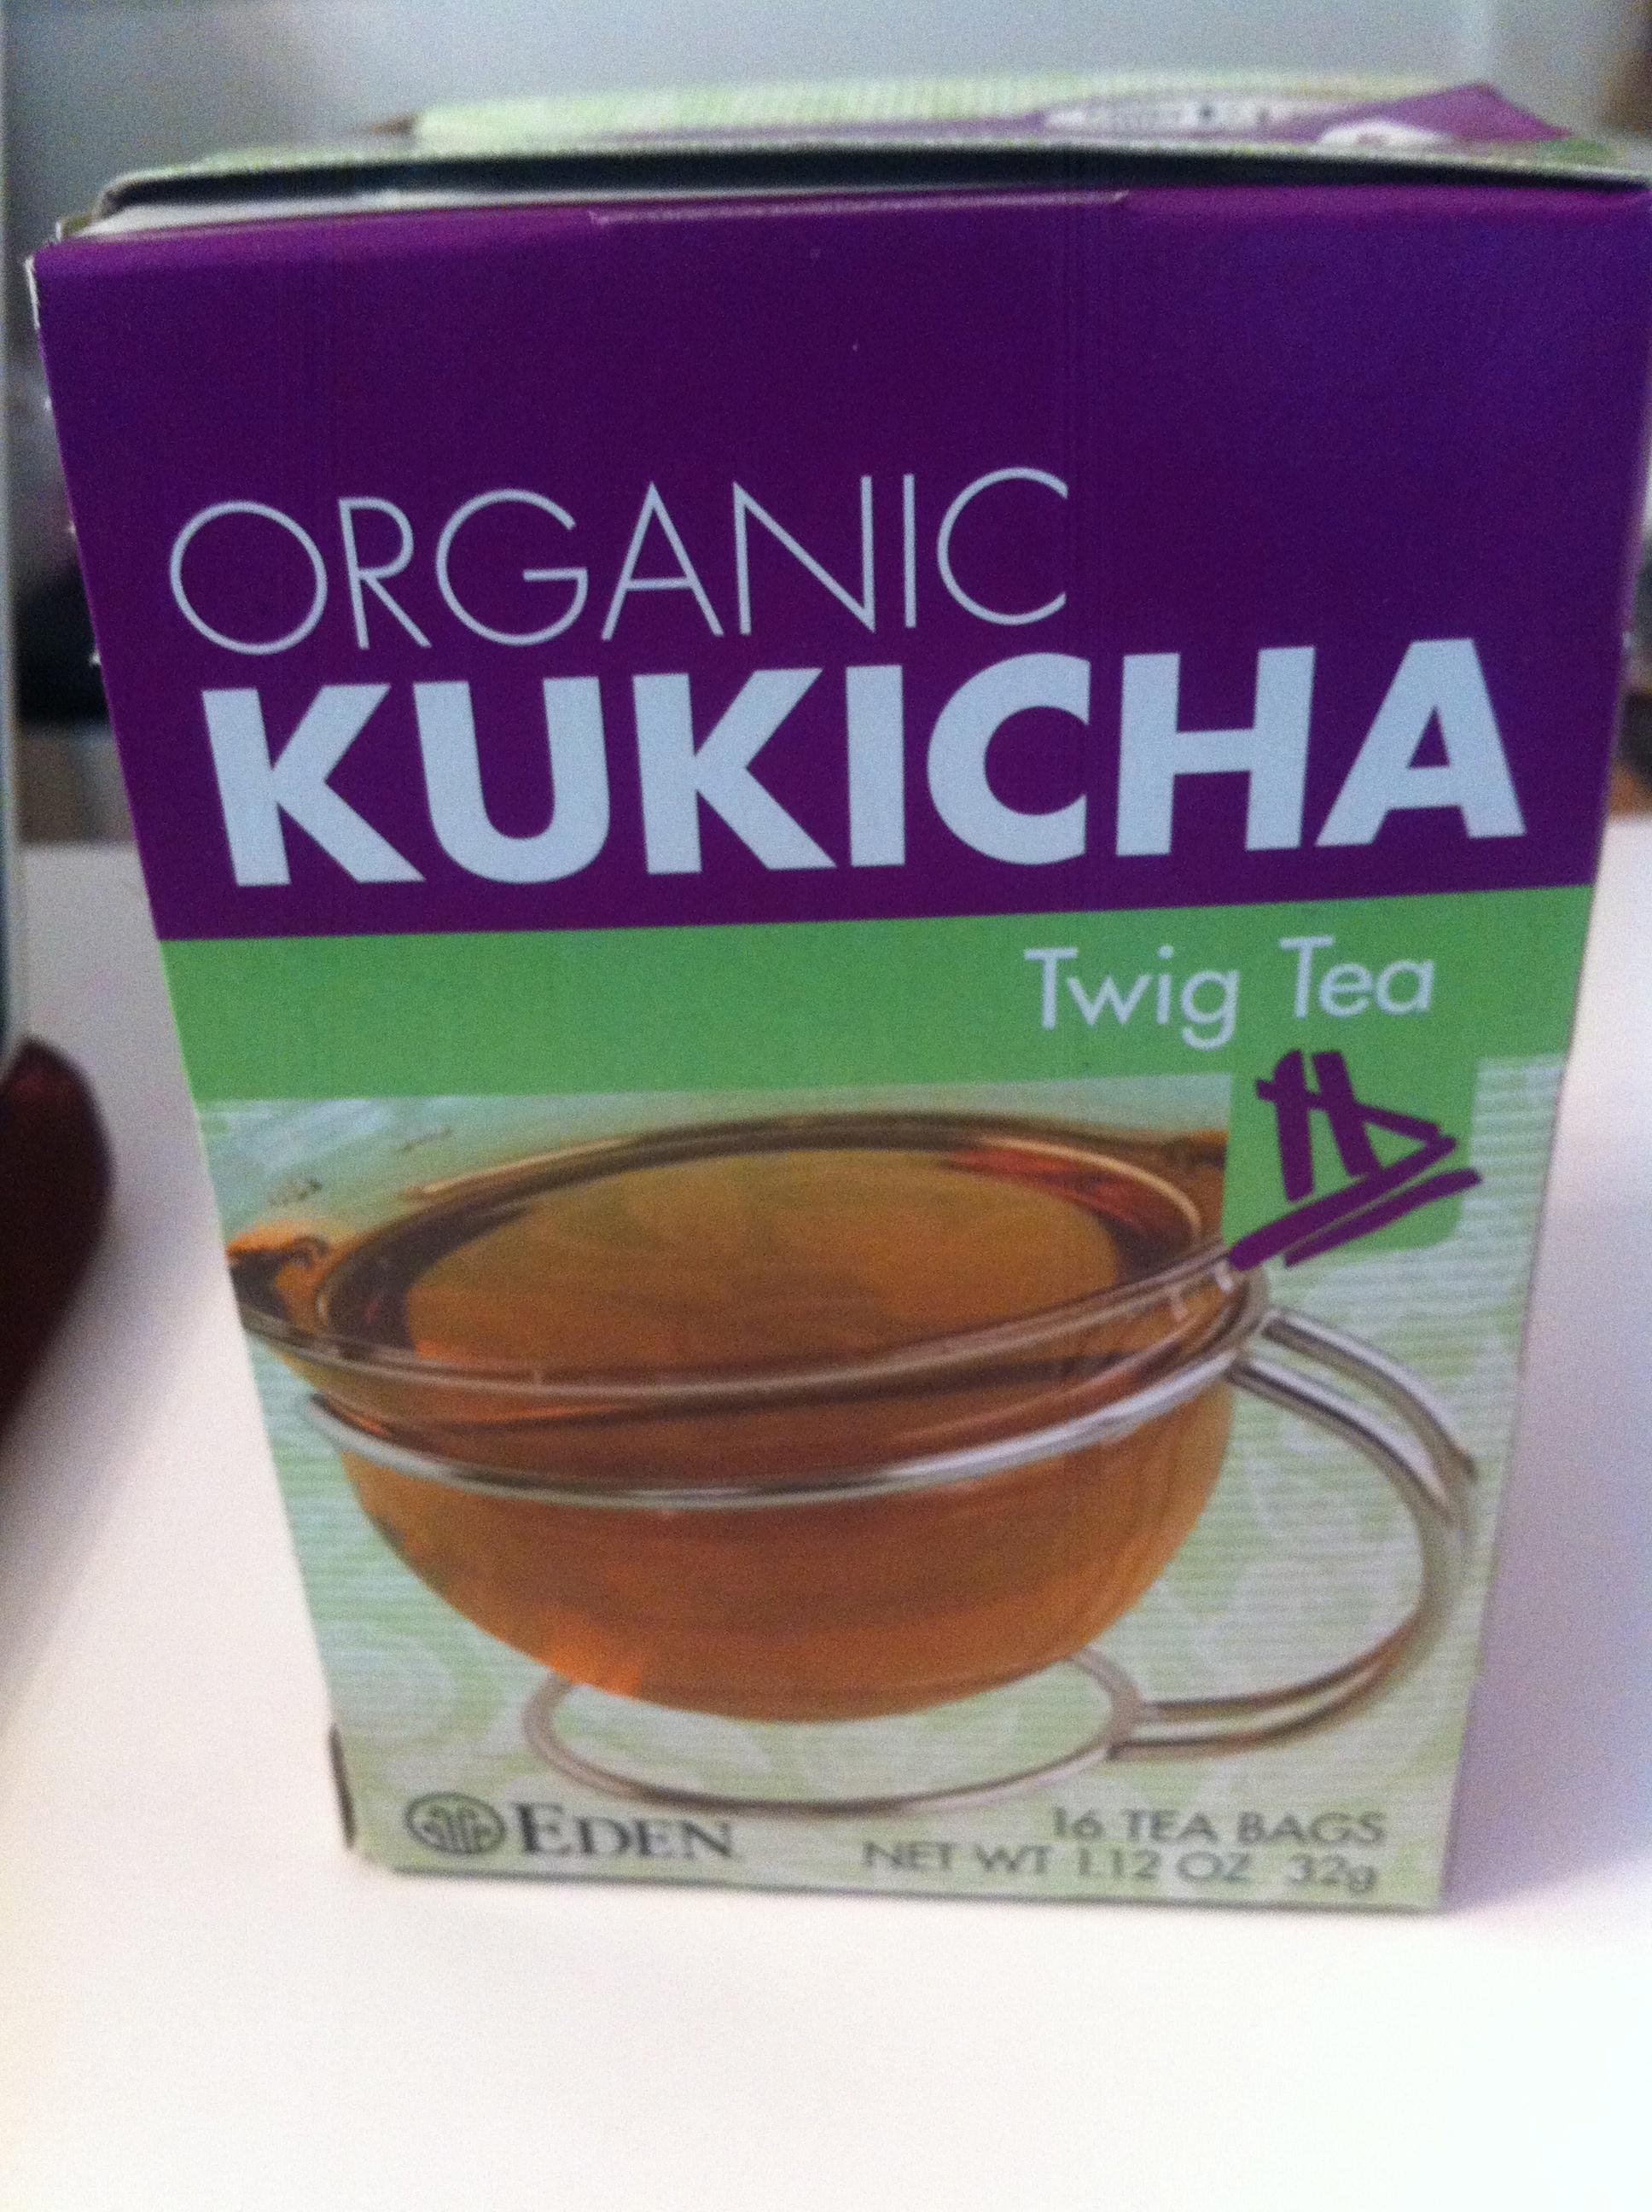 kukicha tea